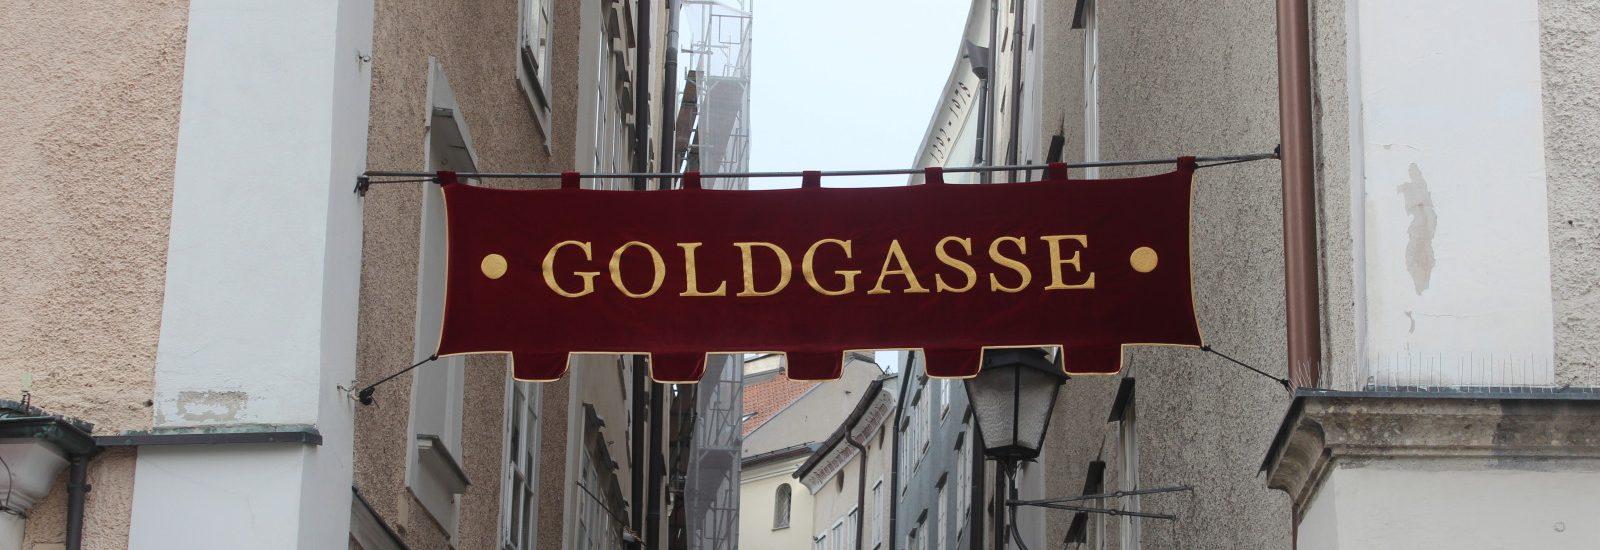 Die Goldgasse in der Salzburger Altstadt